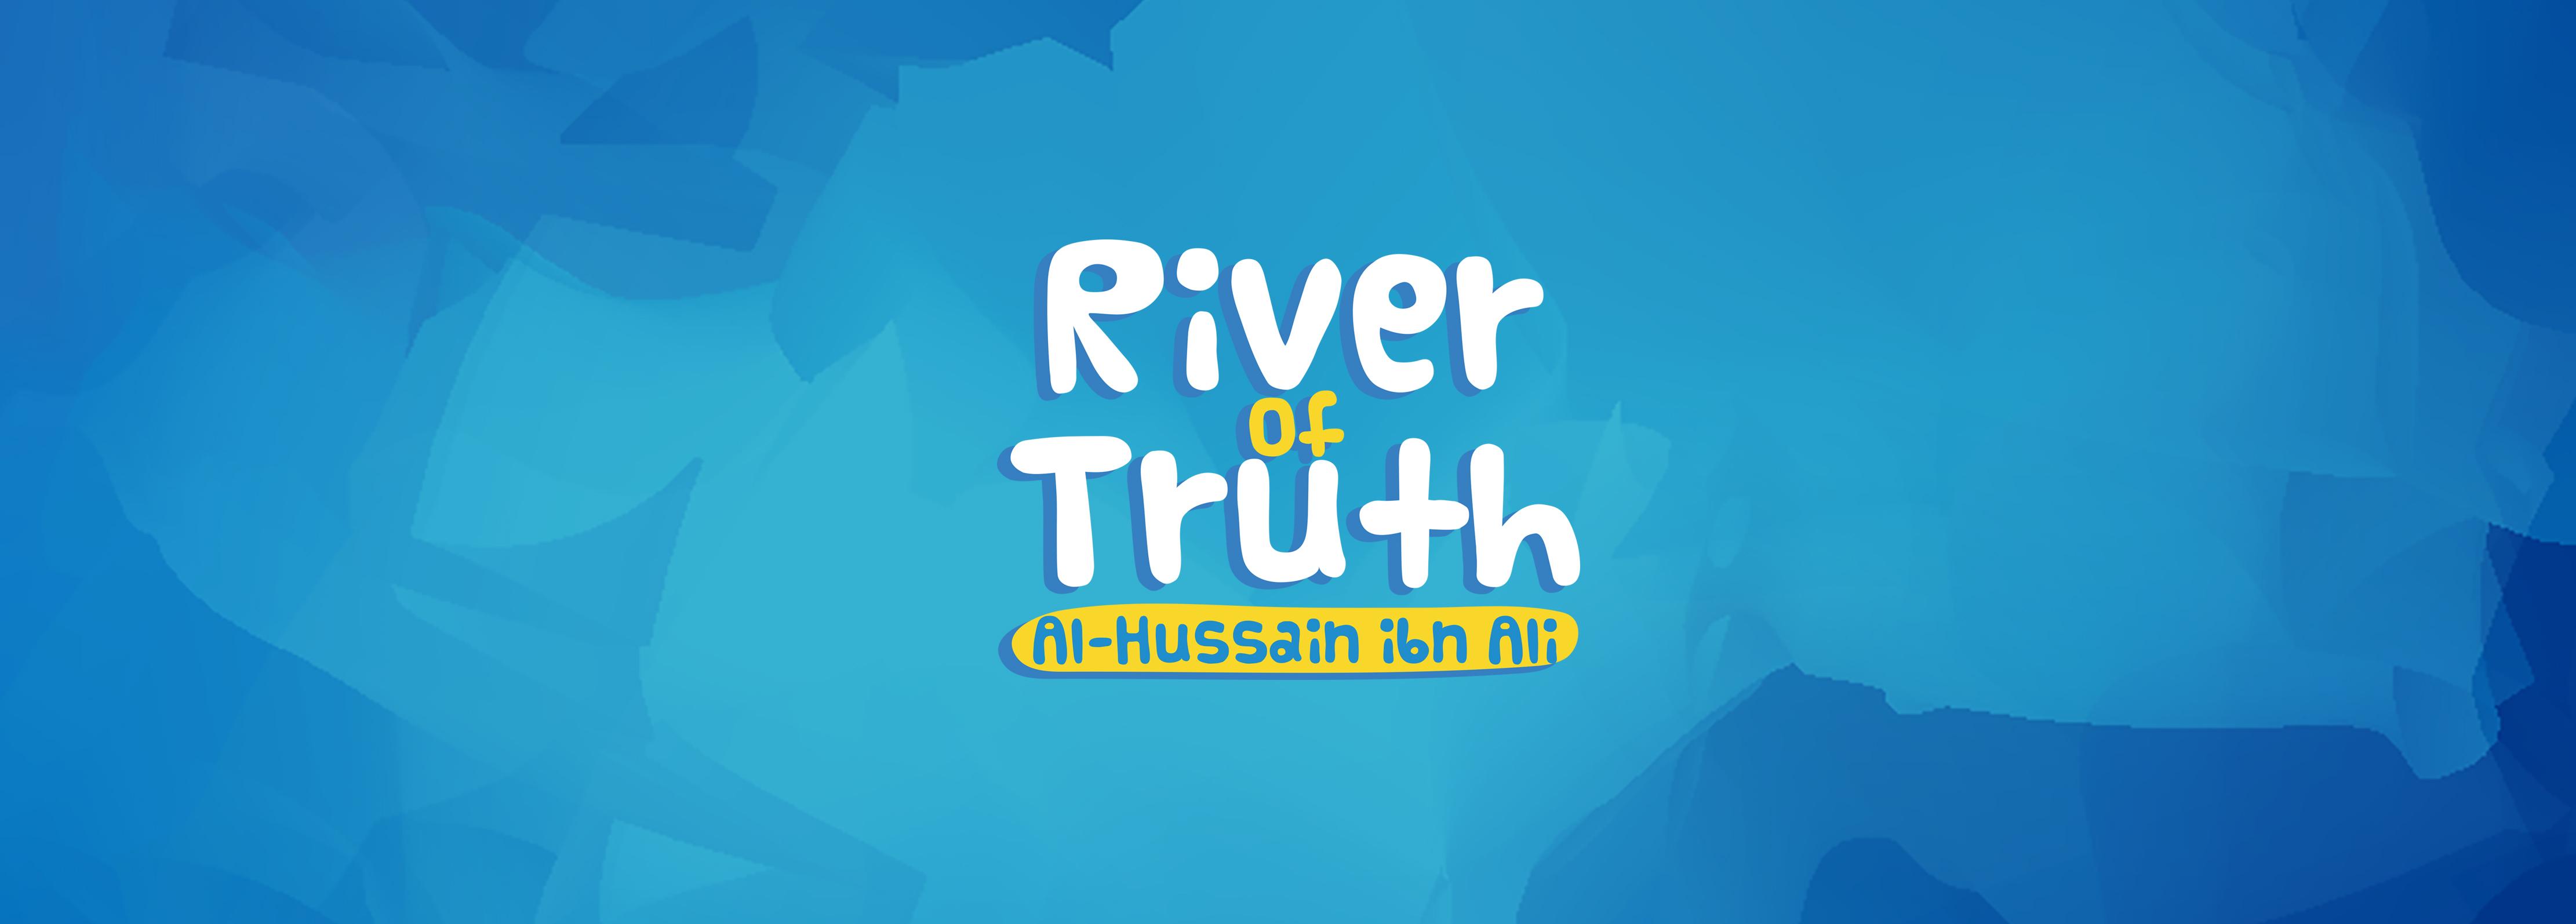 River of Truth Al-Hussain ibn Ali